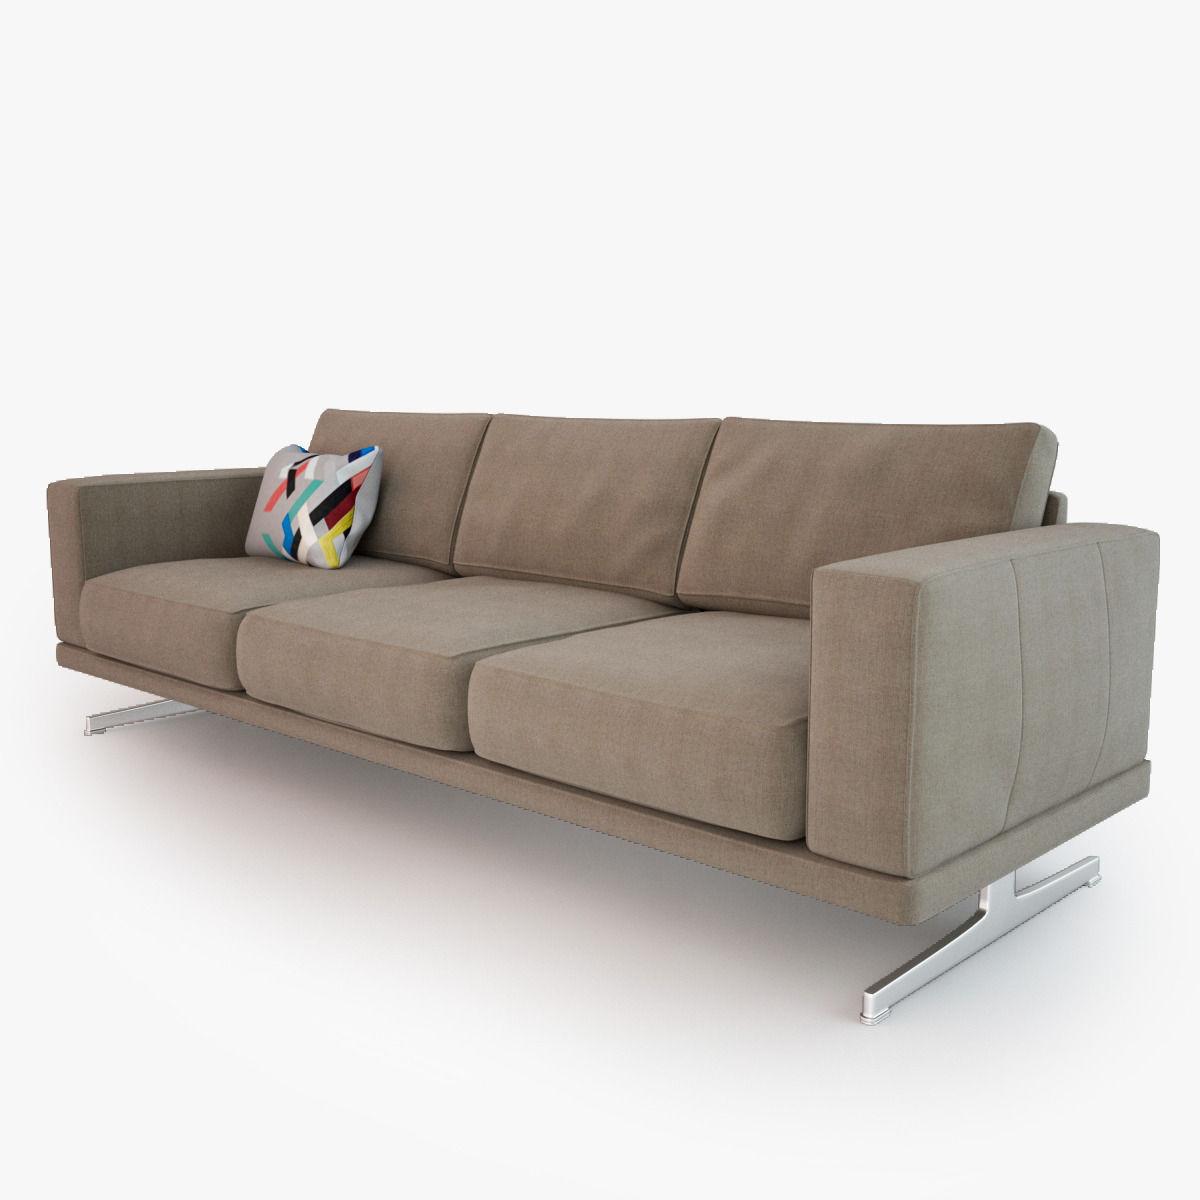 ... Boconcept Carlton Sofa 3d Model Max Obj Fbx 3 ...